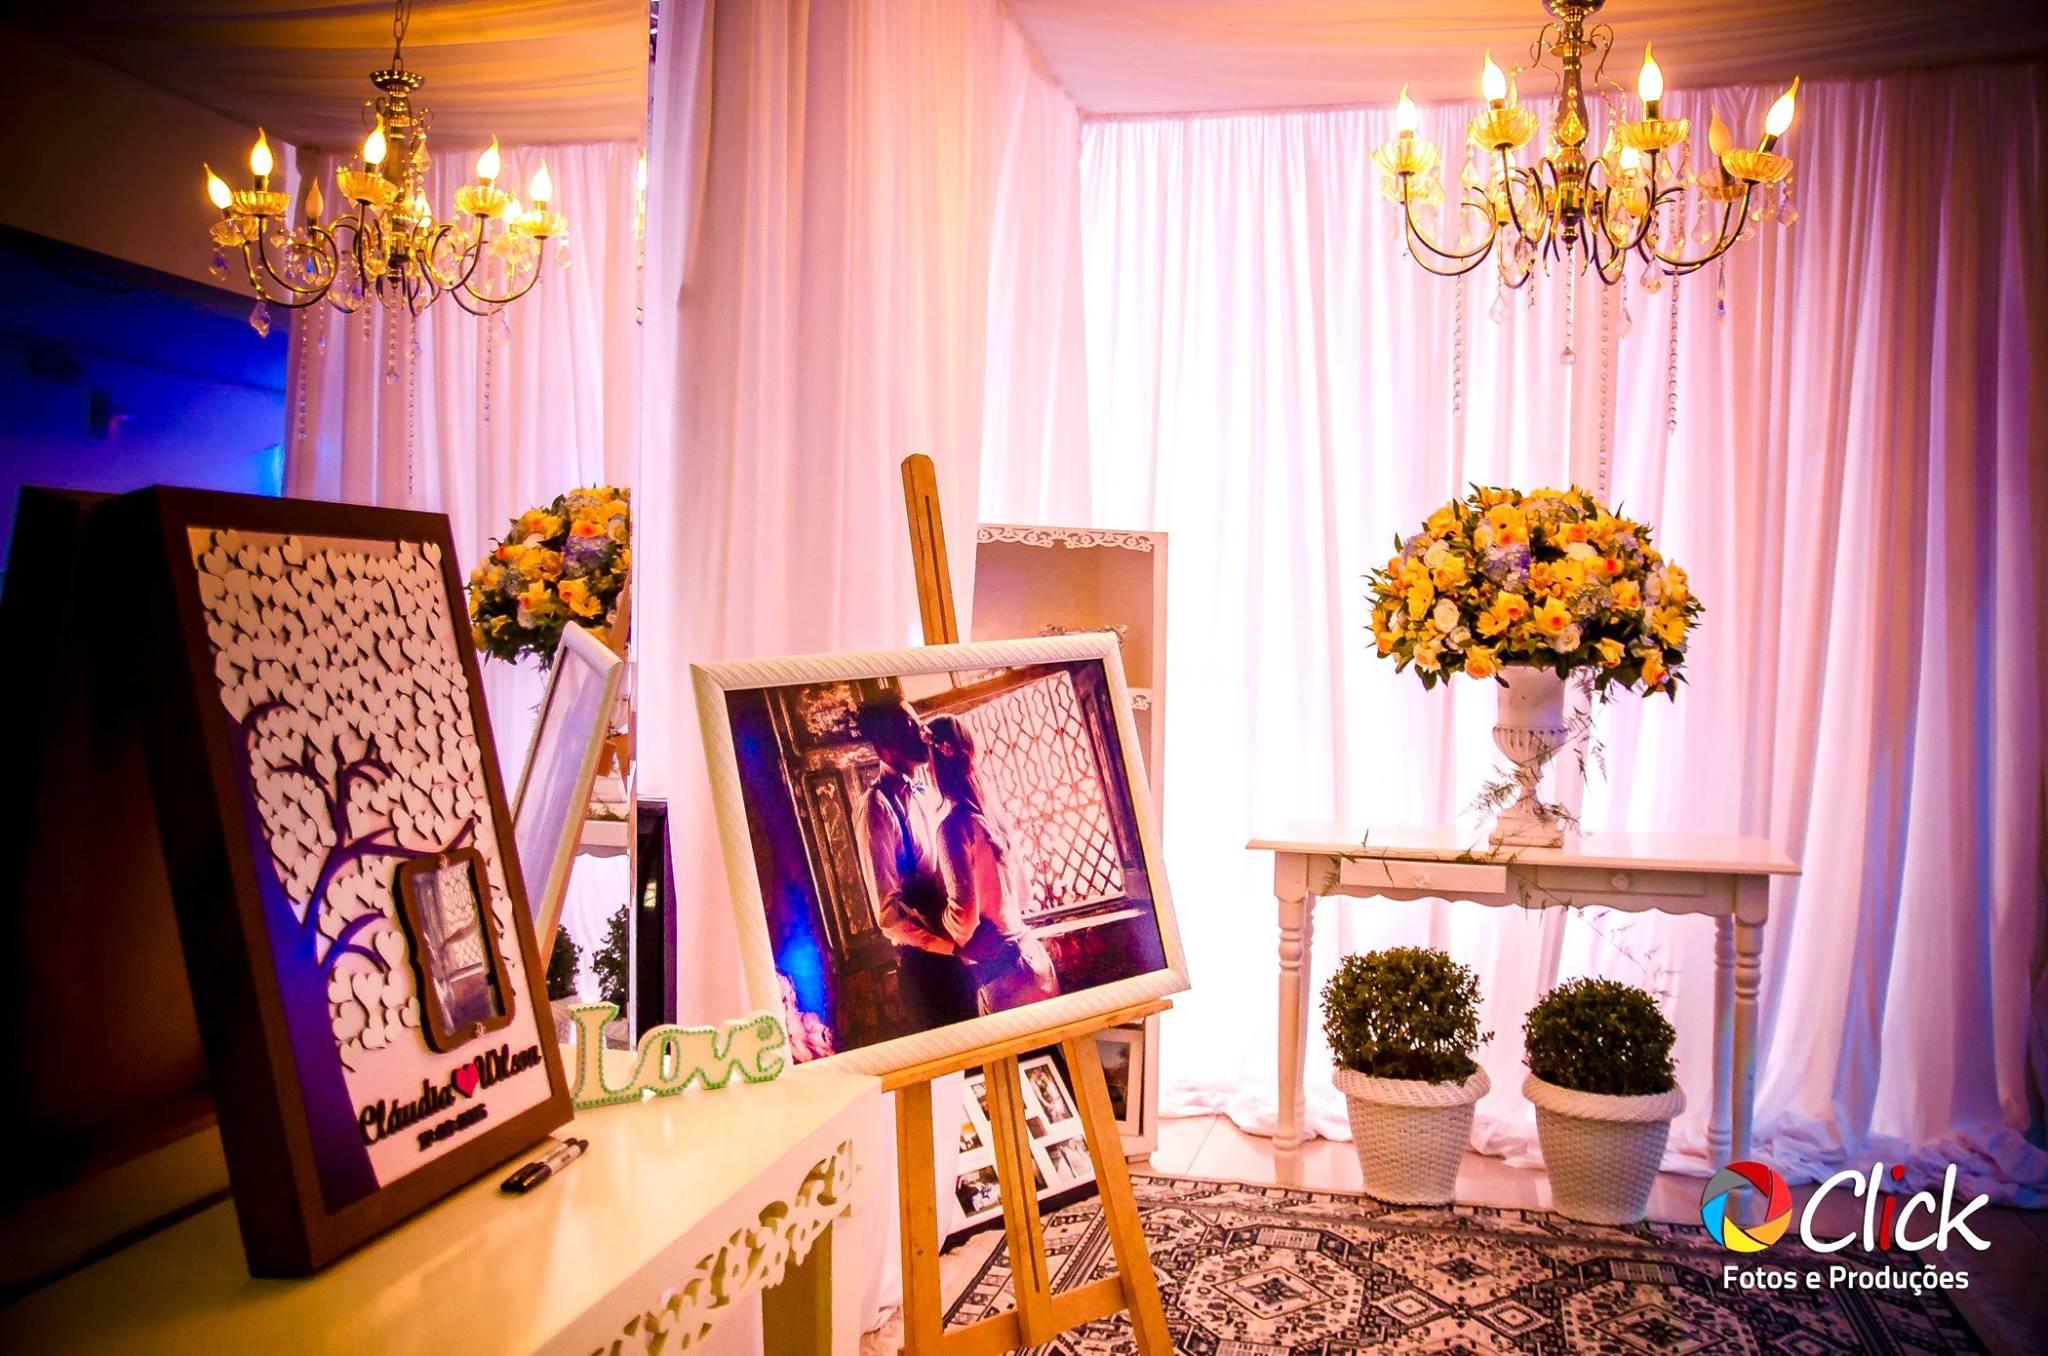 Salão_para_Festas_de_Casamentos_Palazzo_Eventos_-_Sorocaba_25